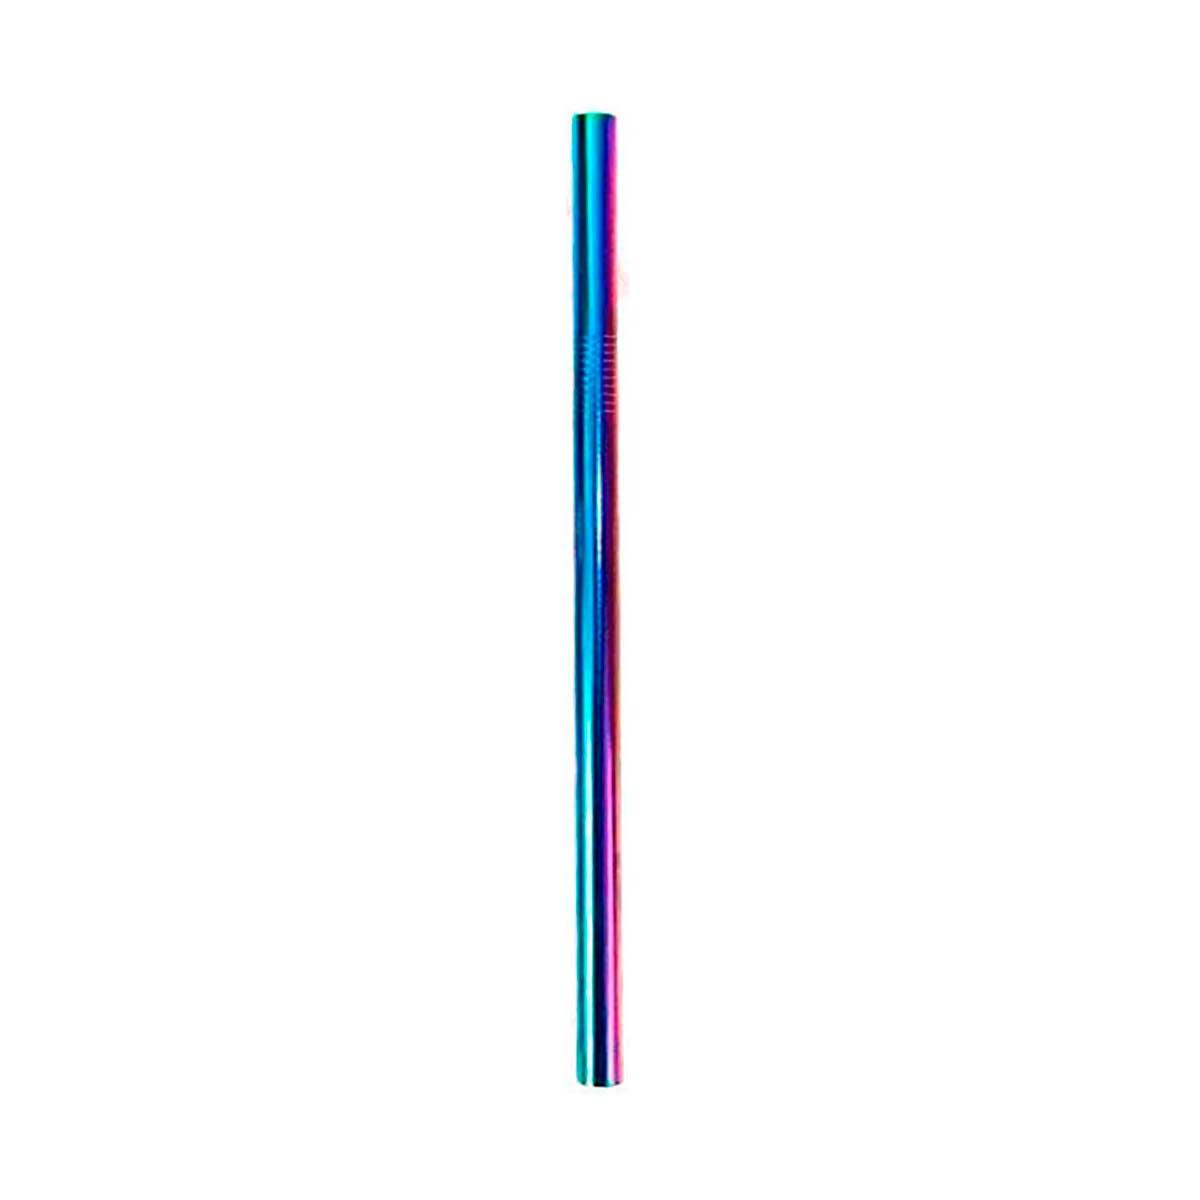 Canudo de Inox Colorido Shake 12mm